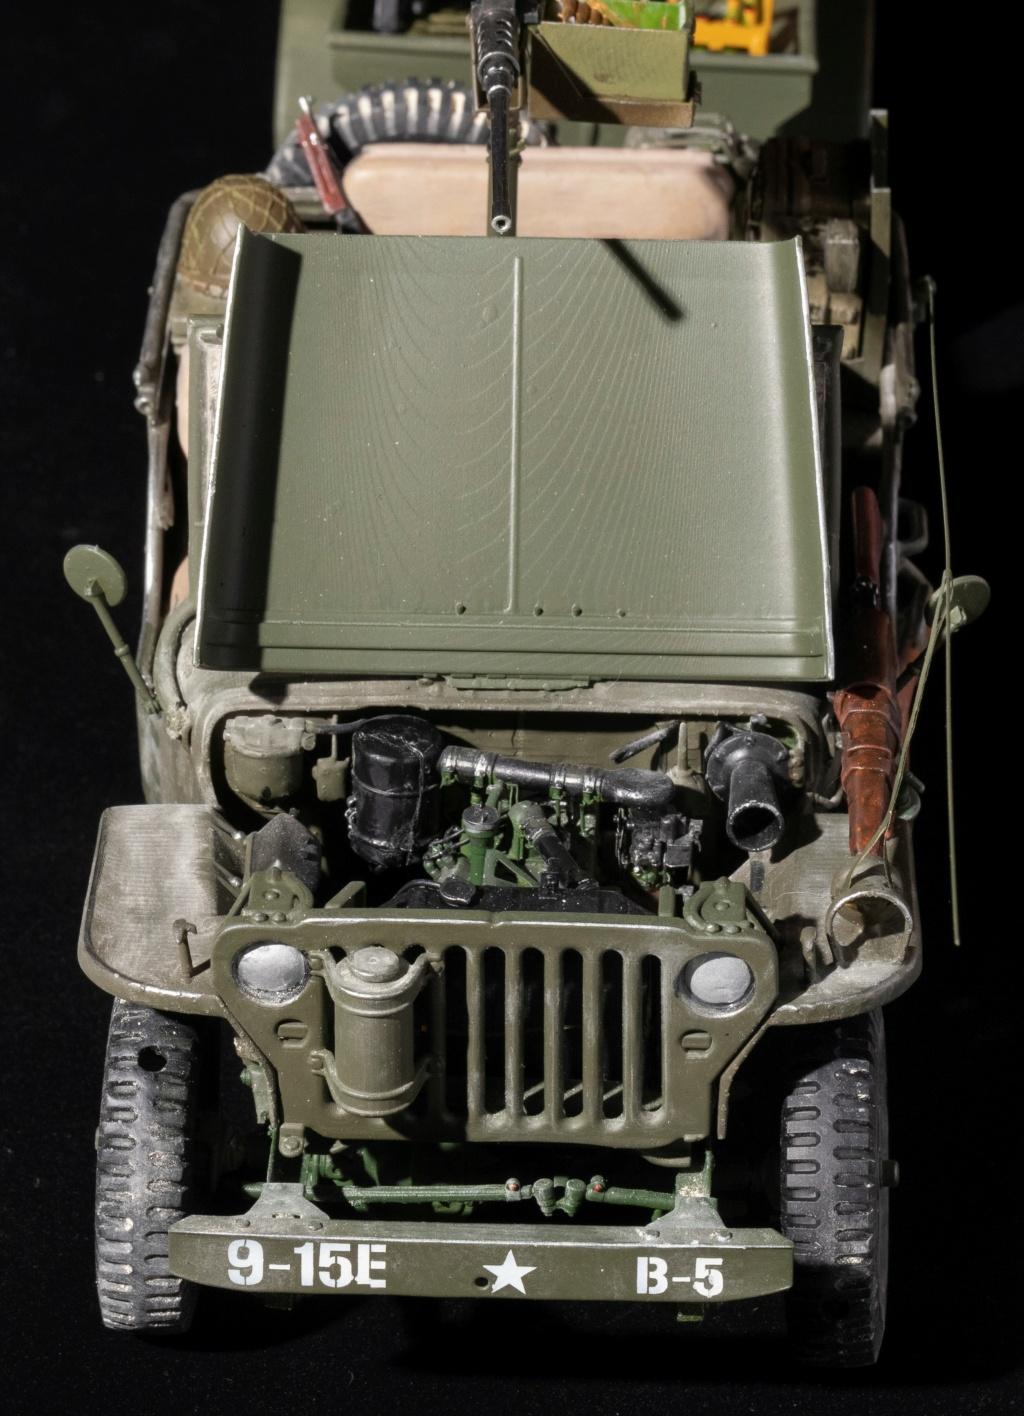 Jeep Willys en résine 3D au 1/24 et au 1/12 avec épave ( deuxième partie et fin au 1/24 ) - Page 30 Img_8648